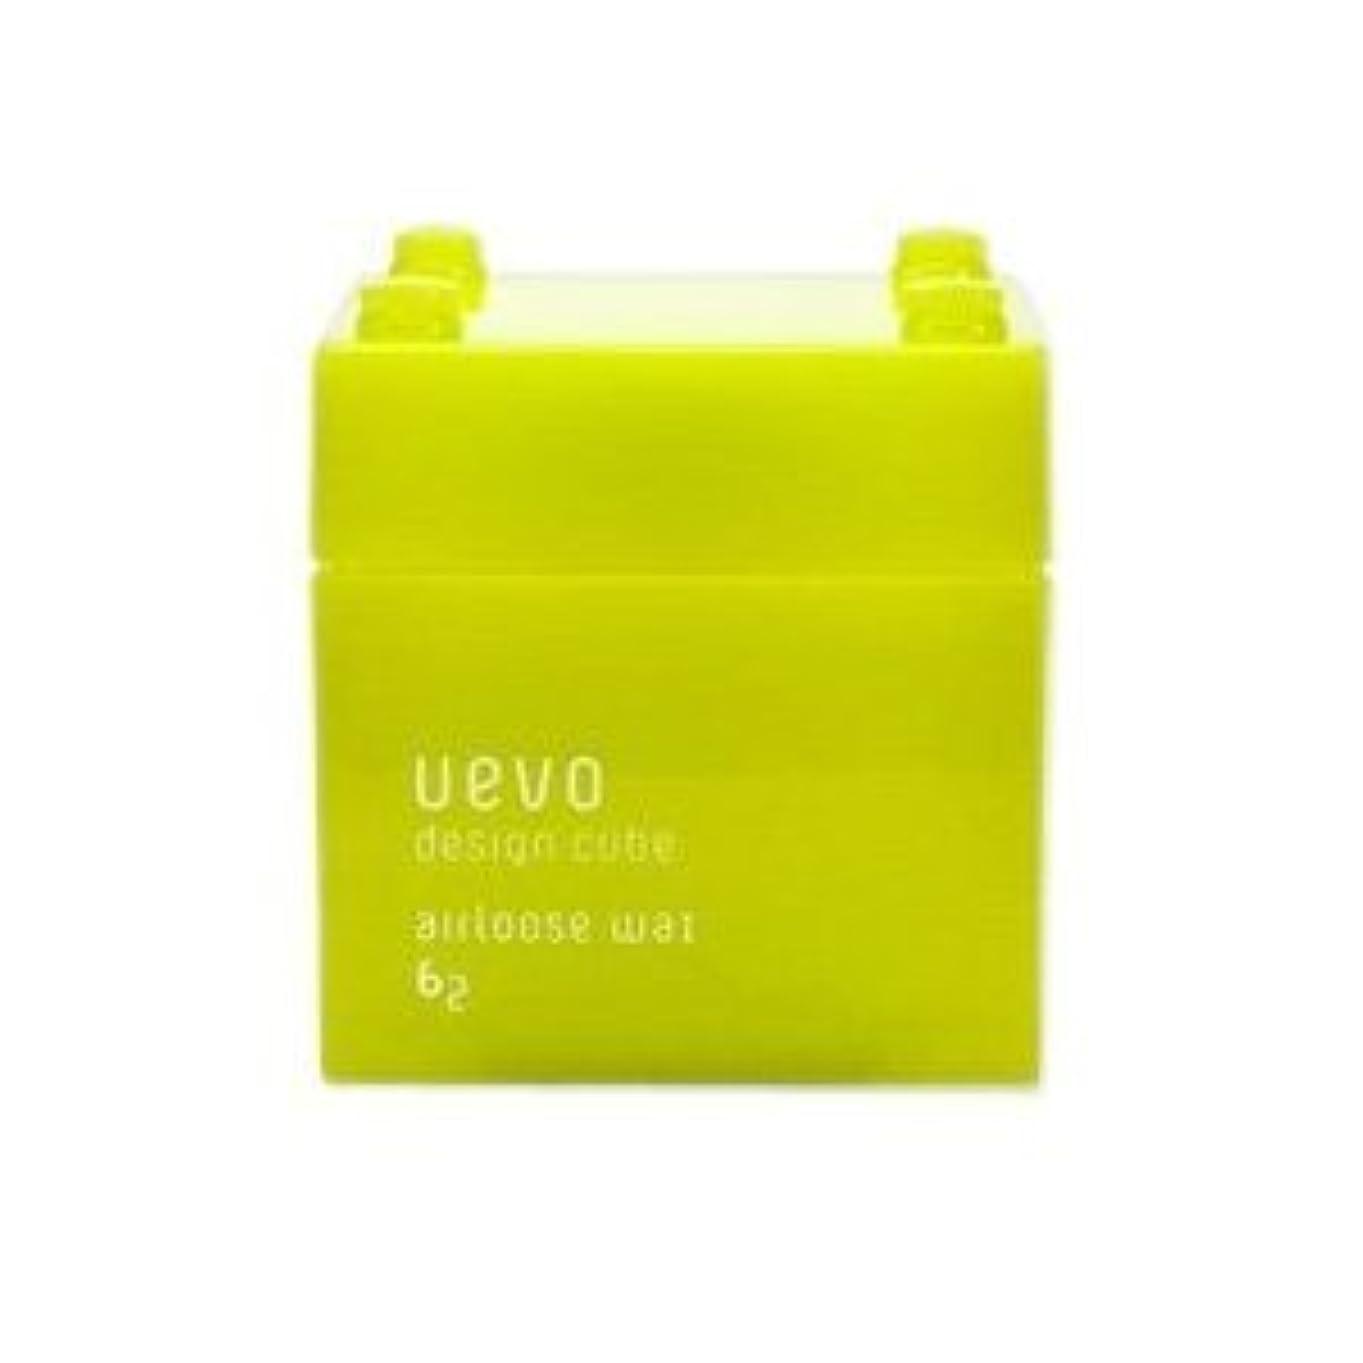 考案する抜本的な従来の【X3個セット】 デミ ウェーボ デザインキューブ エアルーズワックス 80g airloose wax DEMI uevo design cube